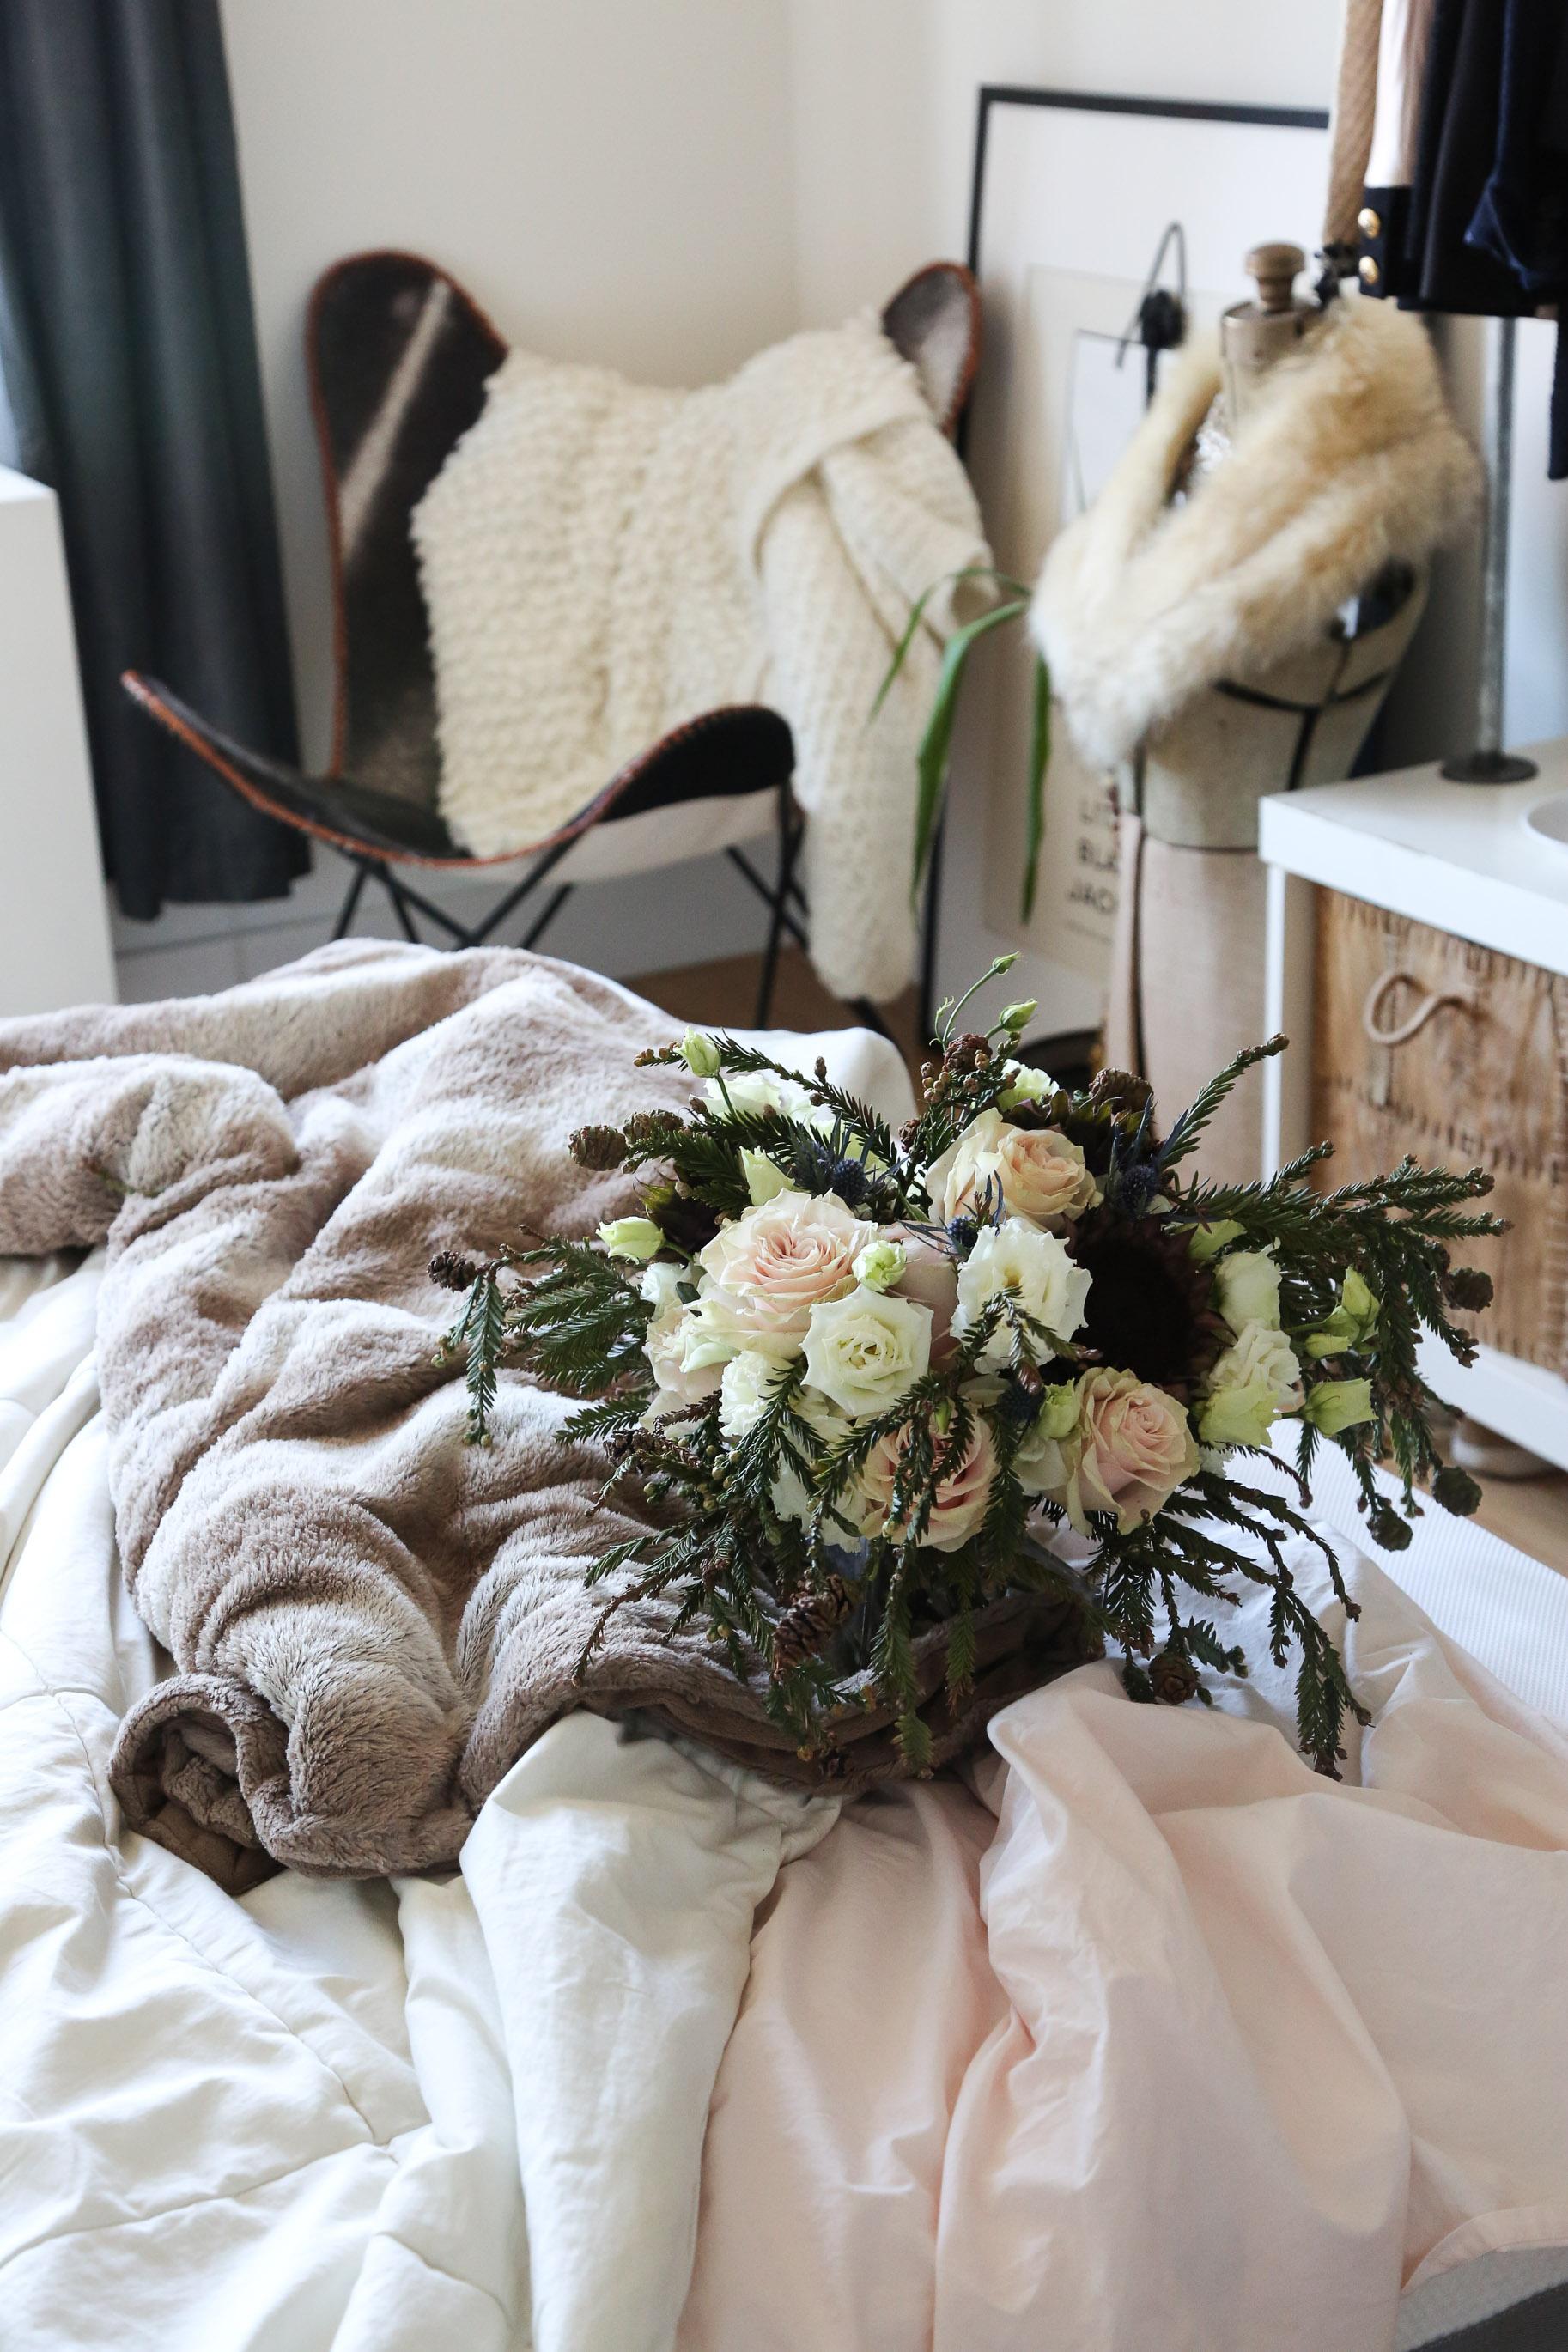 cozy-winter-bedroom-with-airweave16.jpg